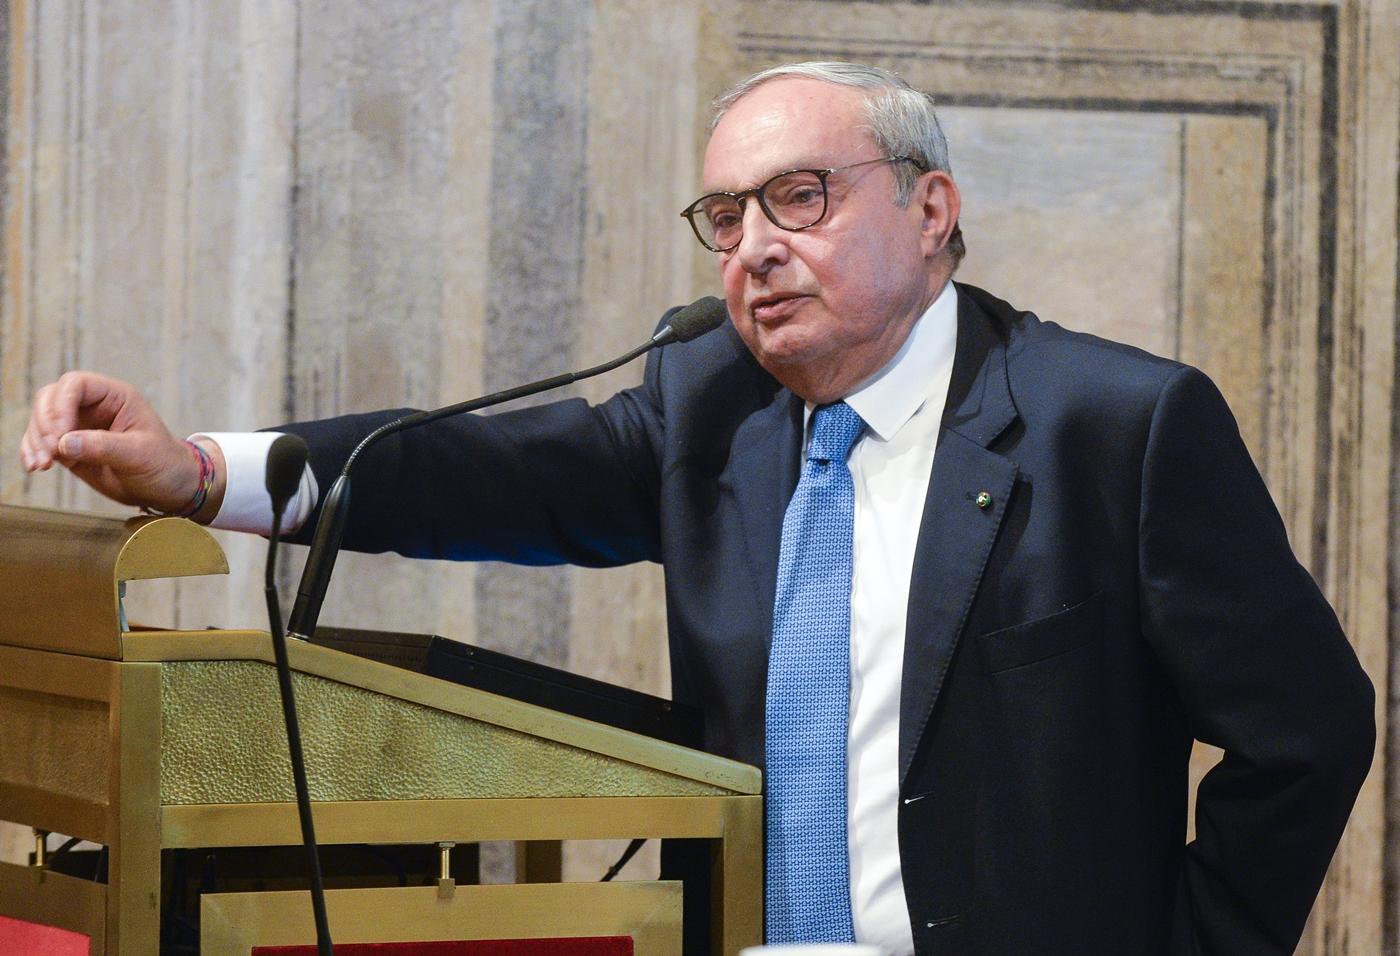 fincantieri, Giuseppe Bono